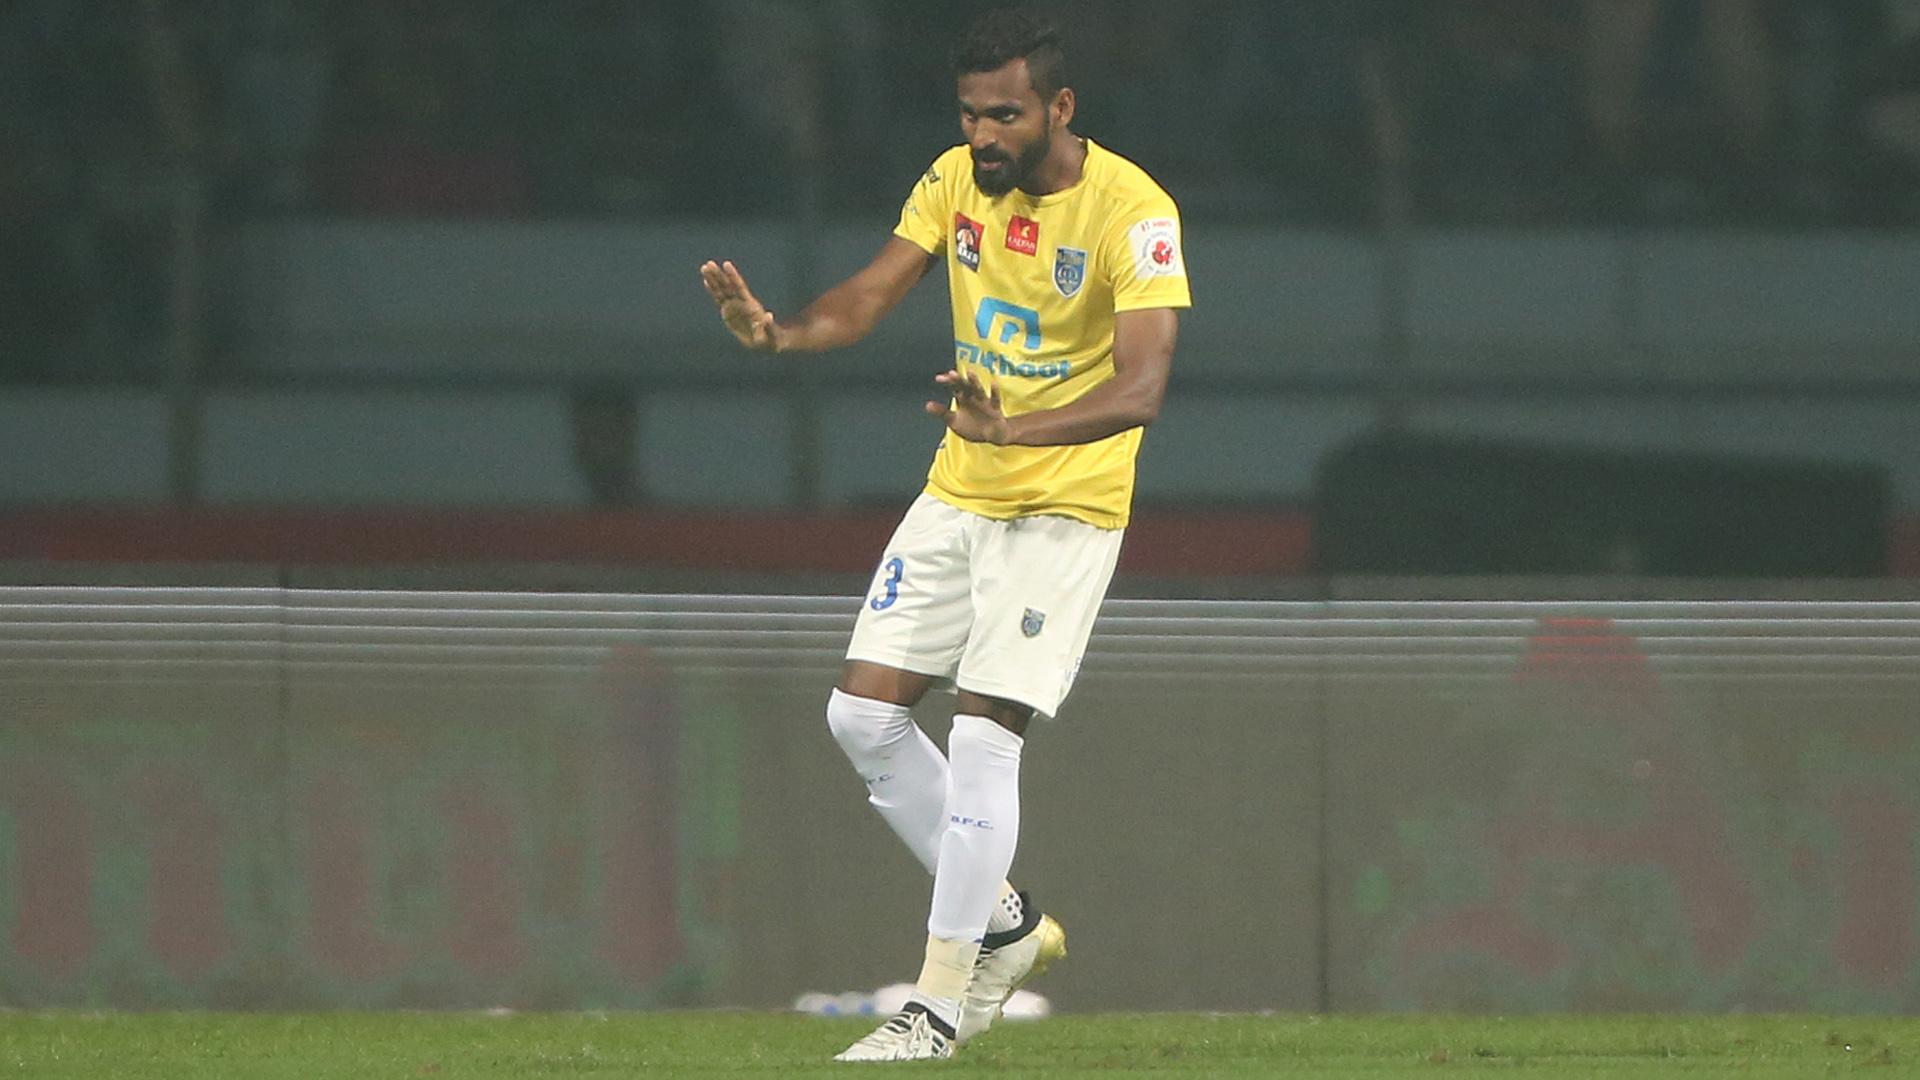 CK Vineeth Atletico de Kolkata Kerala Blasters FC ISL season 3 2016